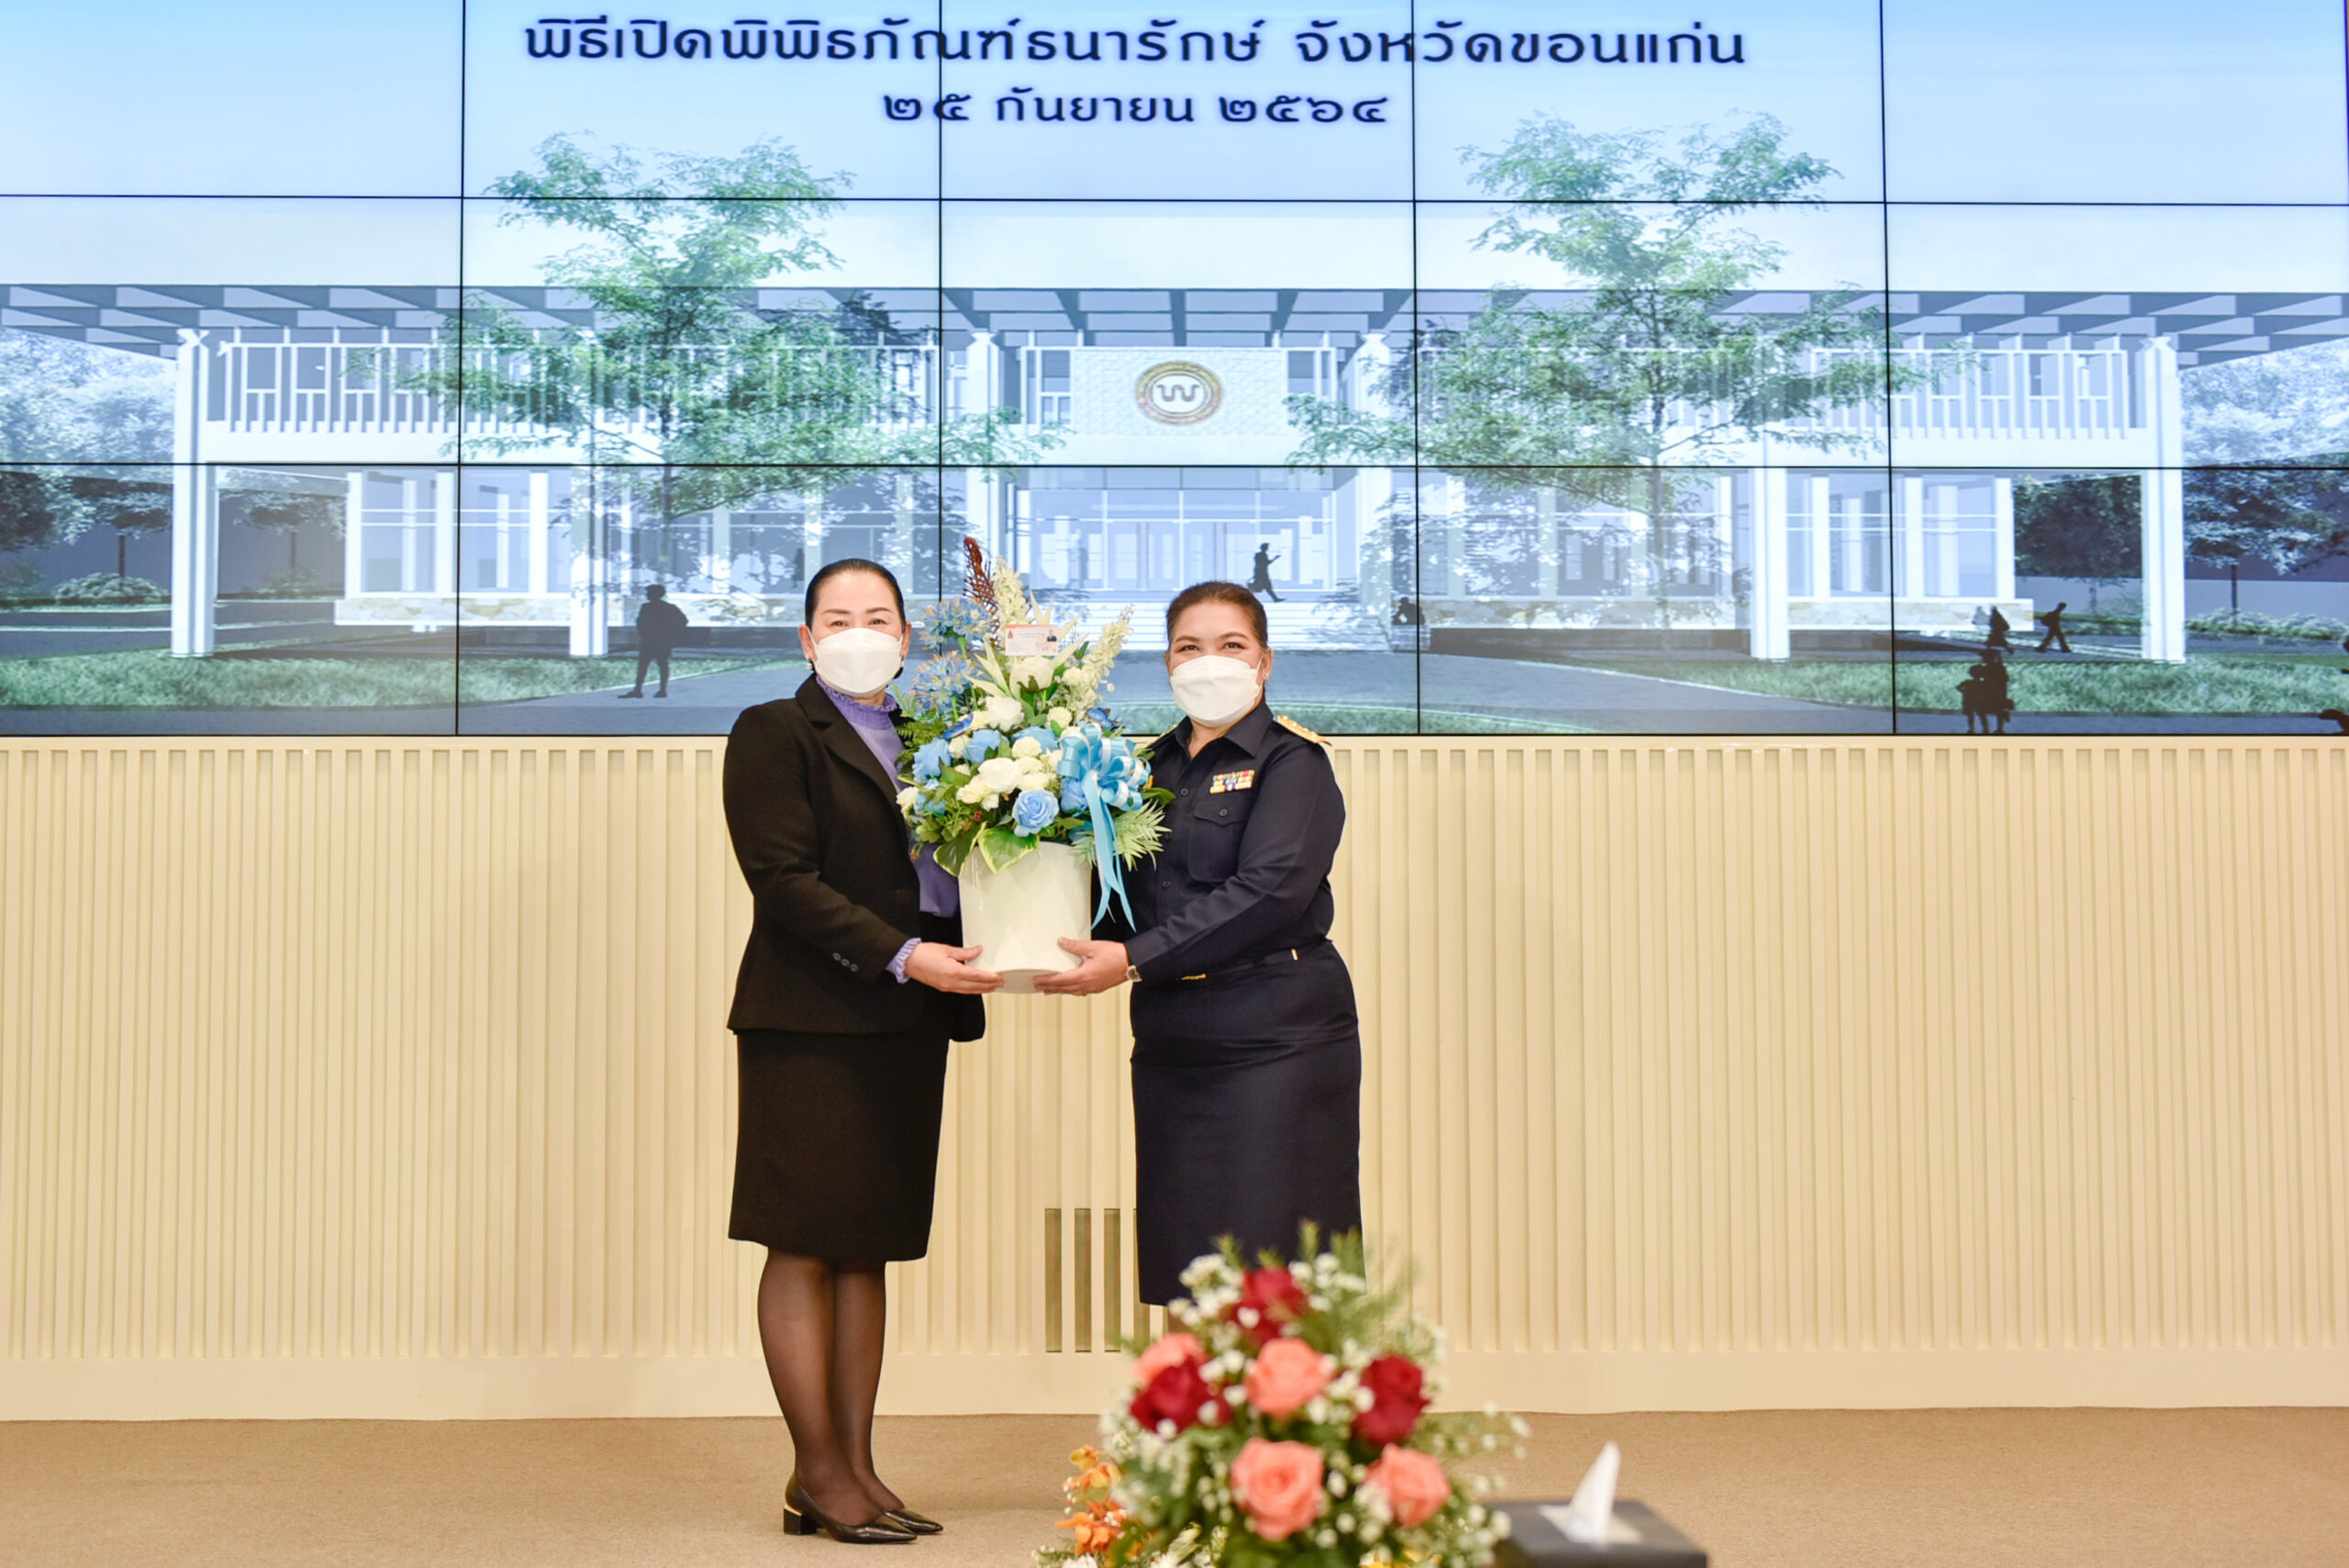 มข.ร่วมแสดงความยินดี พิธีเปิดพิพิธภัณฑ์ธนารักษ์ จ.ขอนแก่น แหล่งเรียนรู้เงินตราไทย